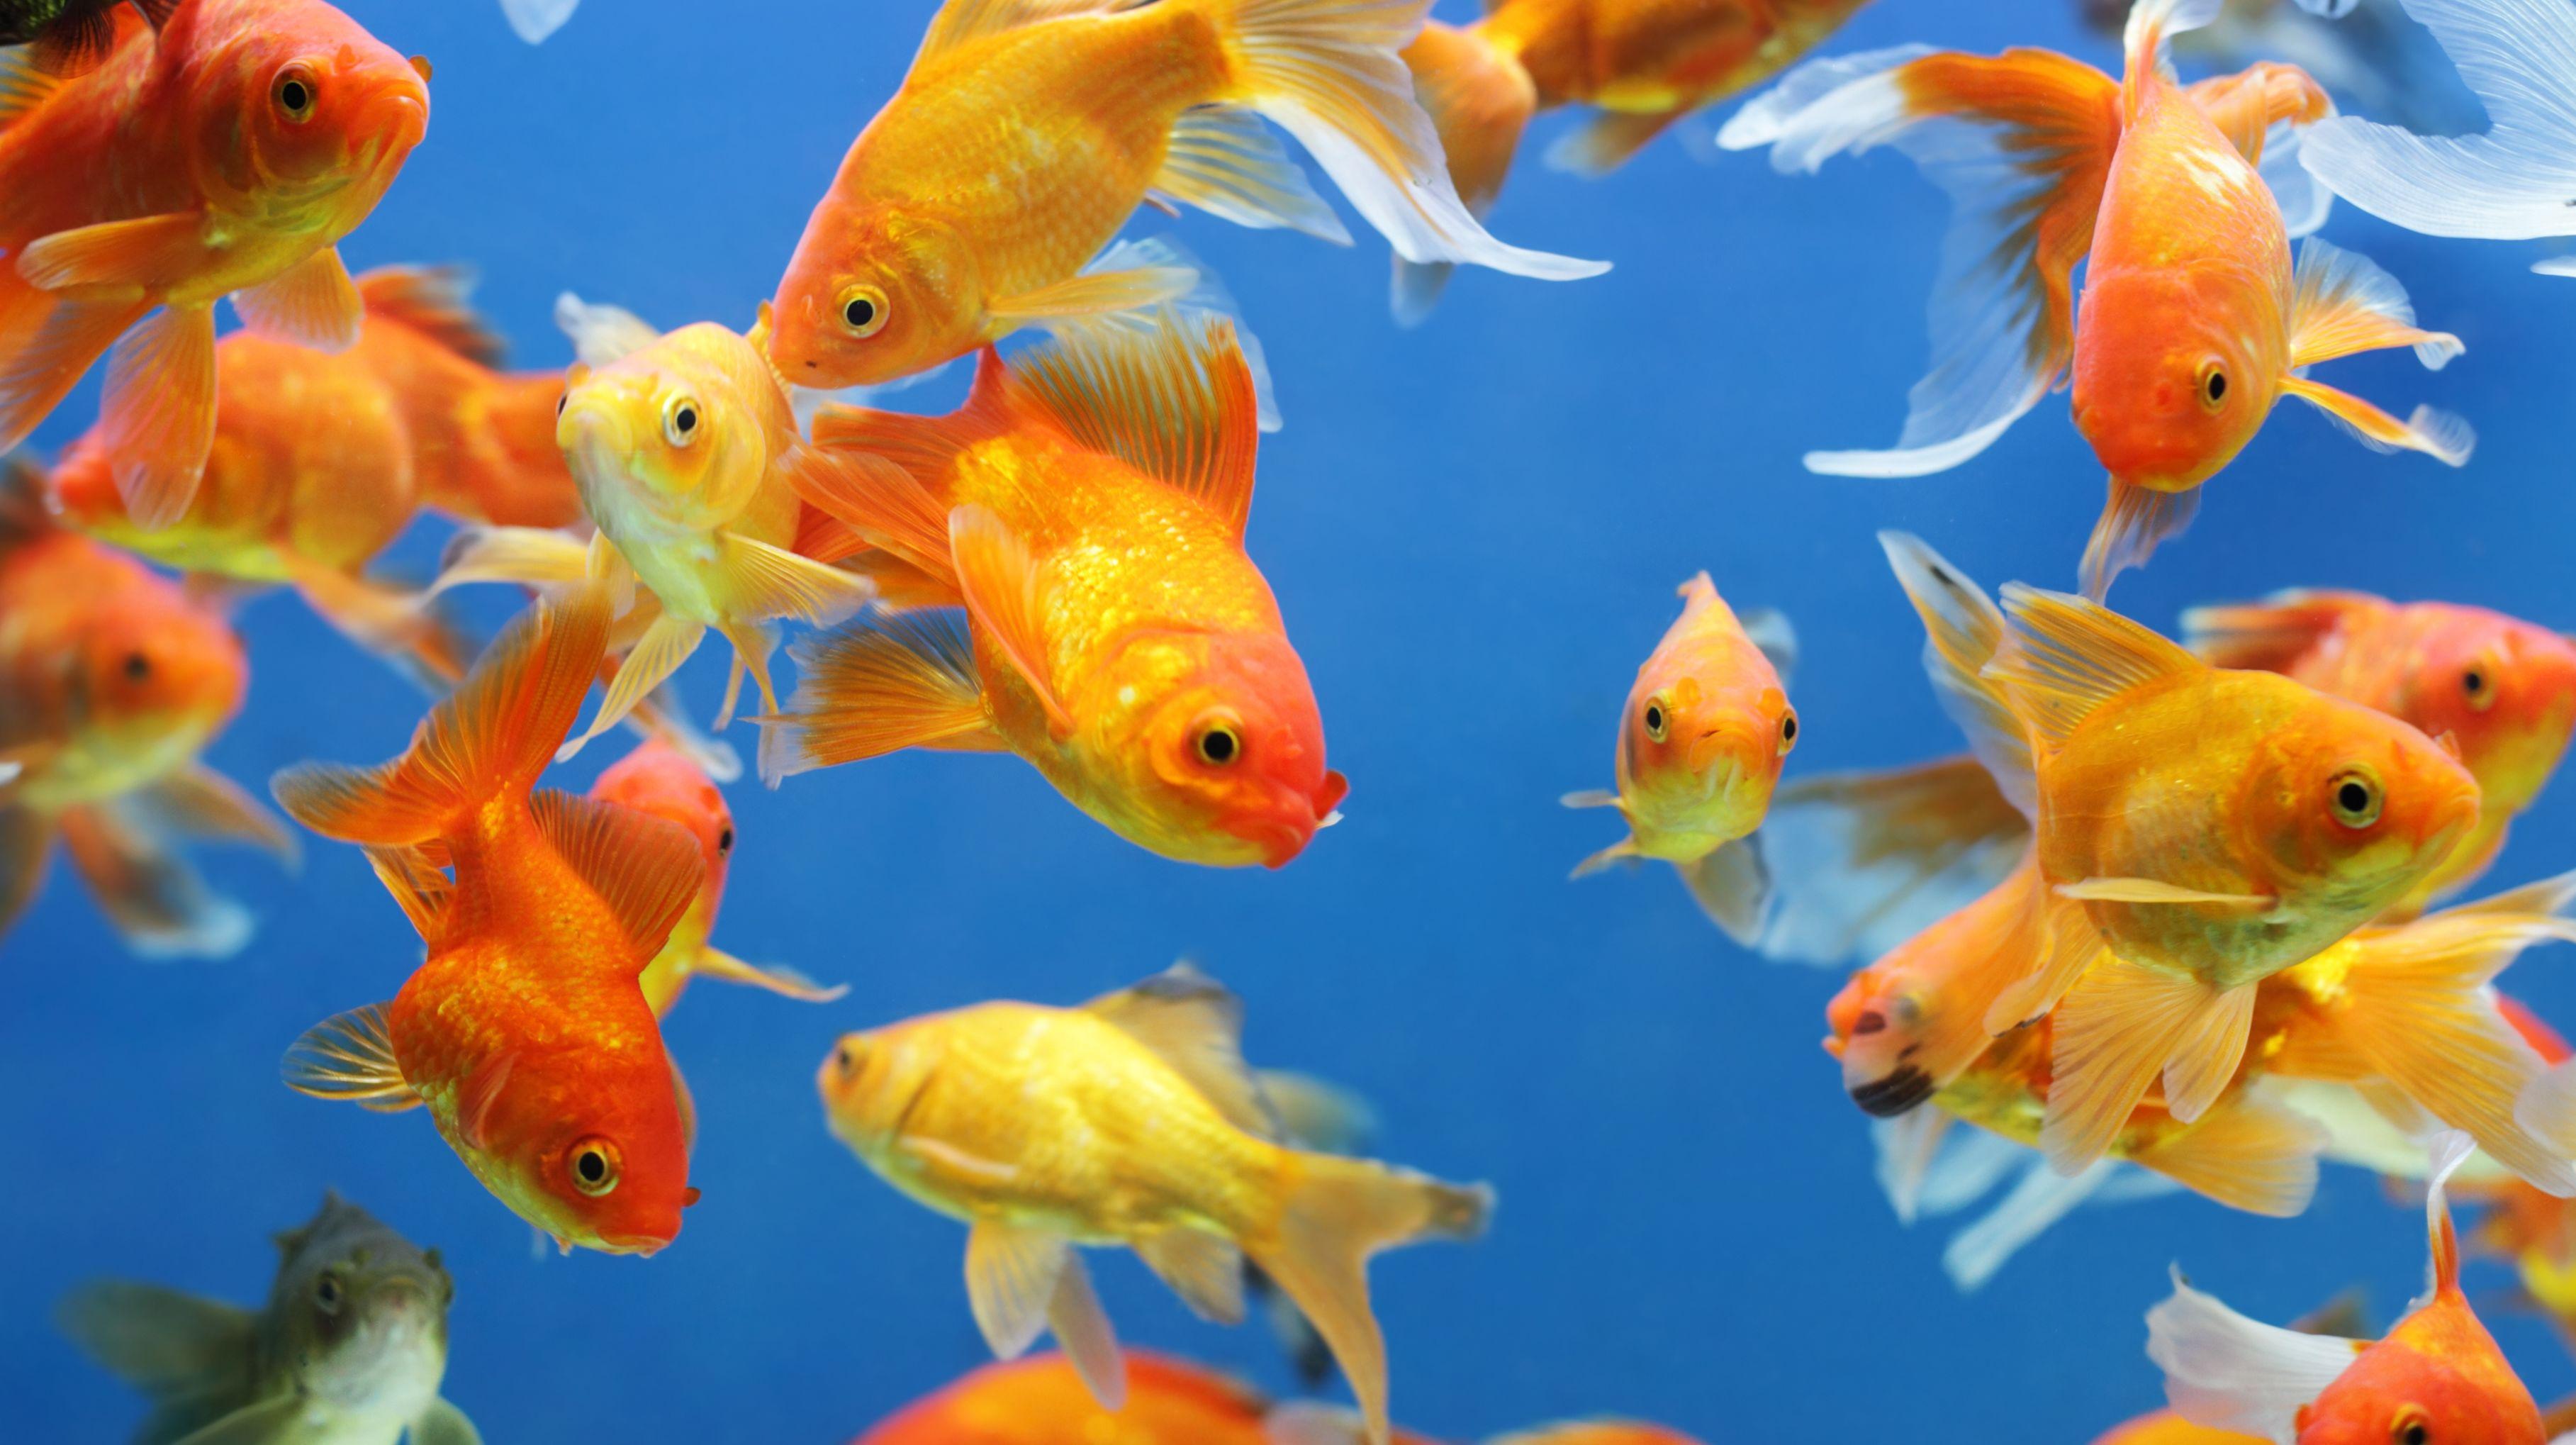 Аквариумные рыбки картинки на телефон можете сразу